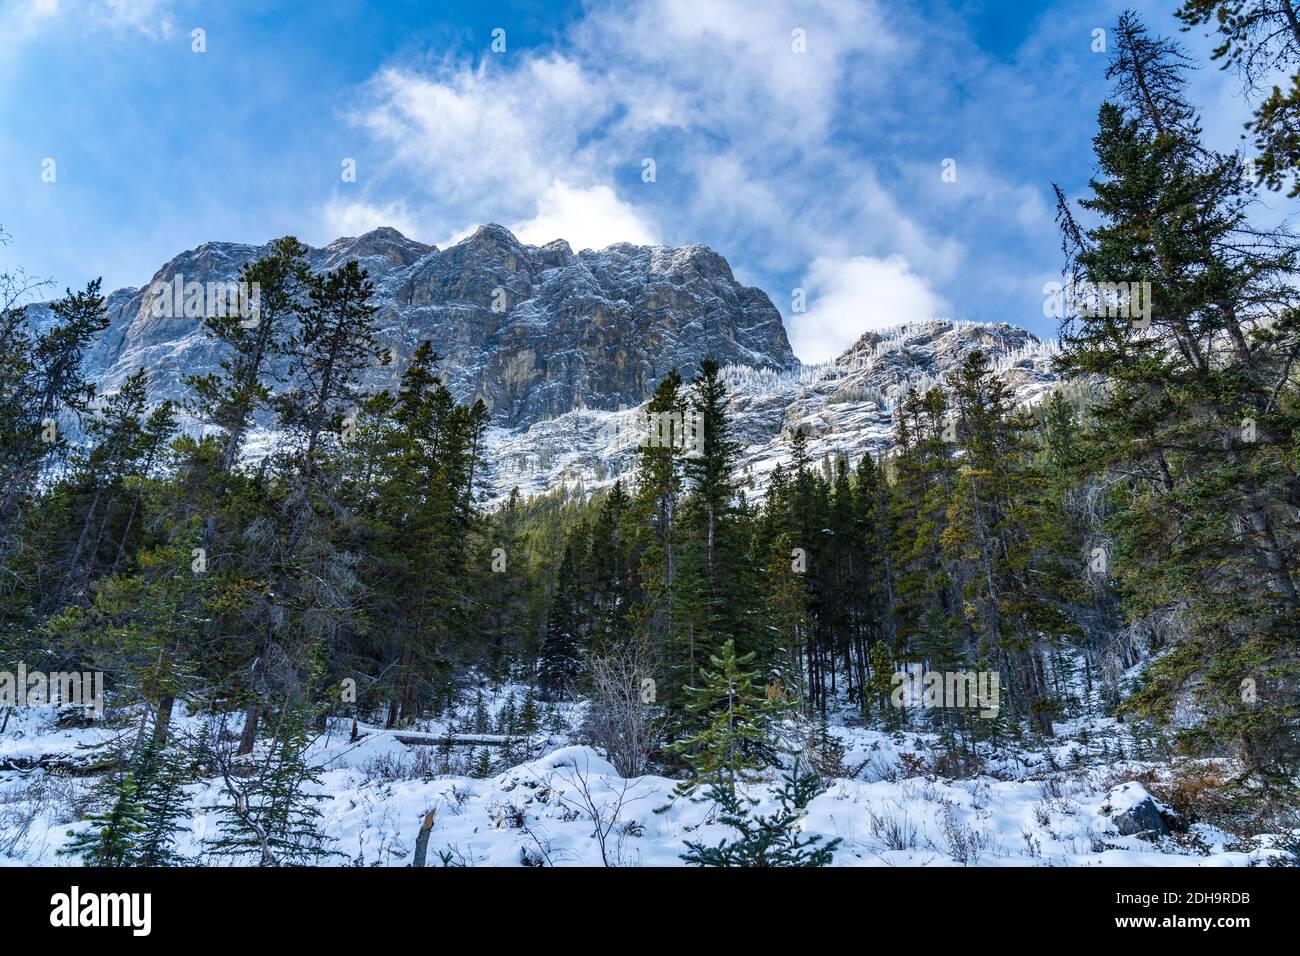 Paisaje forestal a principios de invierno, pinos verdes en el primer plano, montañas cubiertas de nieve con árboles congelados en el fondo. Paisaje en Grassi Lagos T Foto de stock